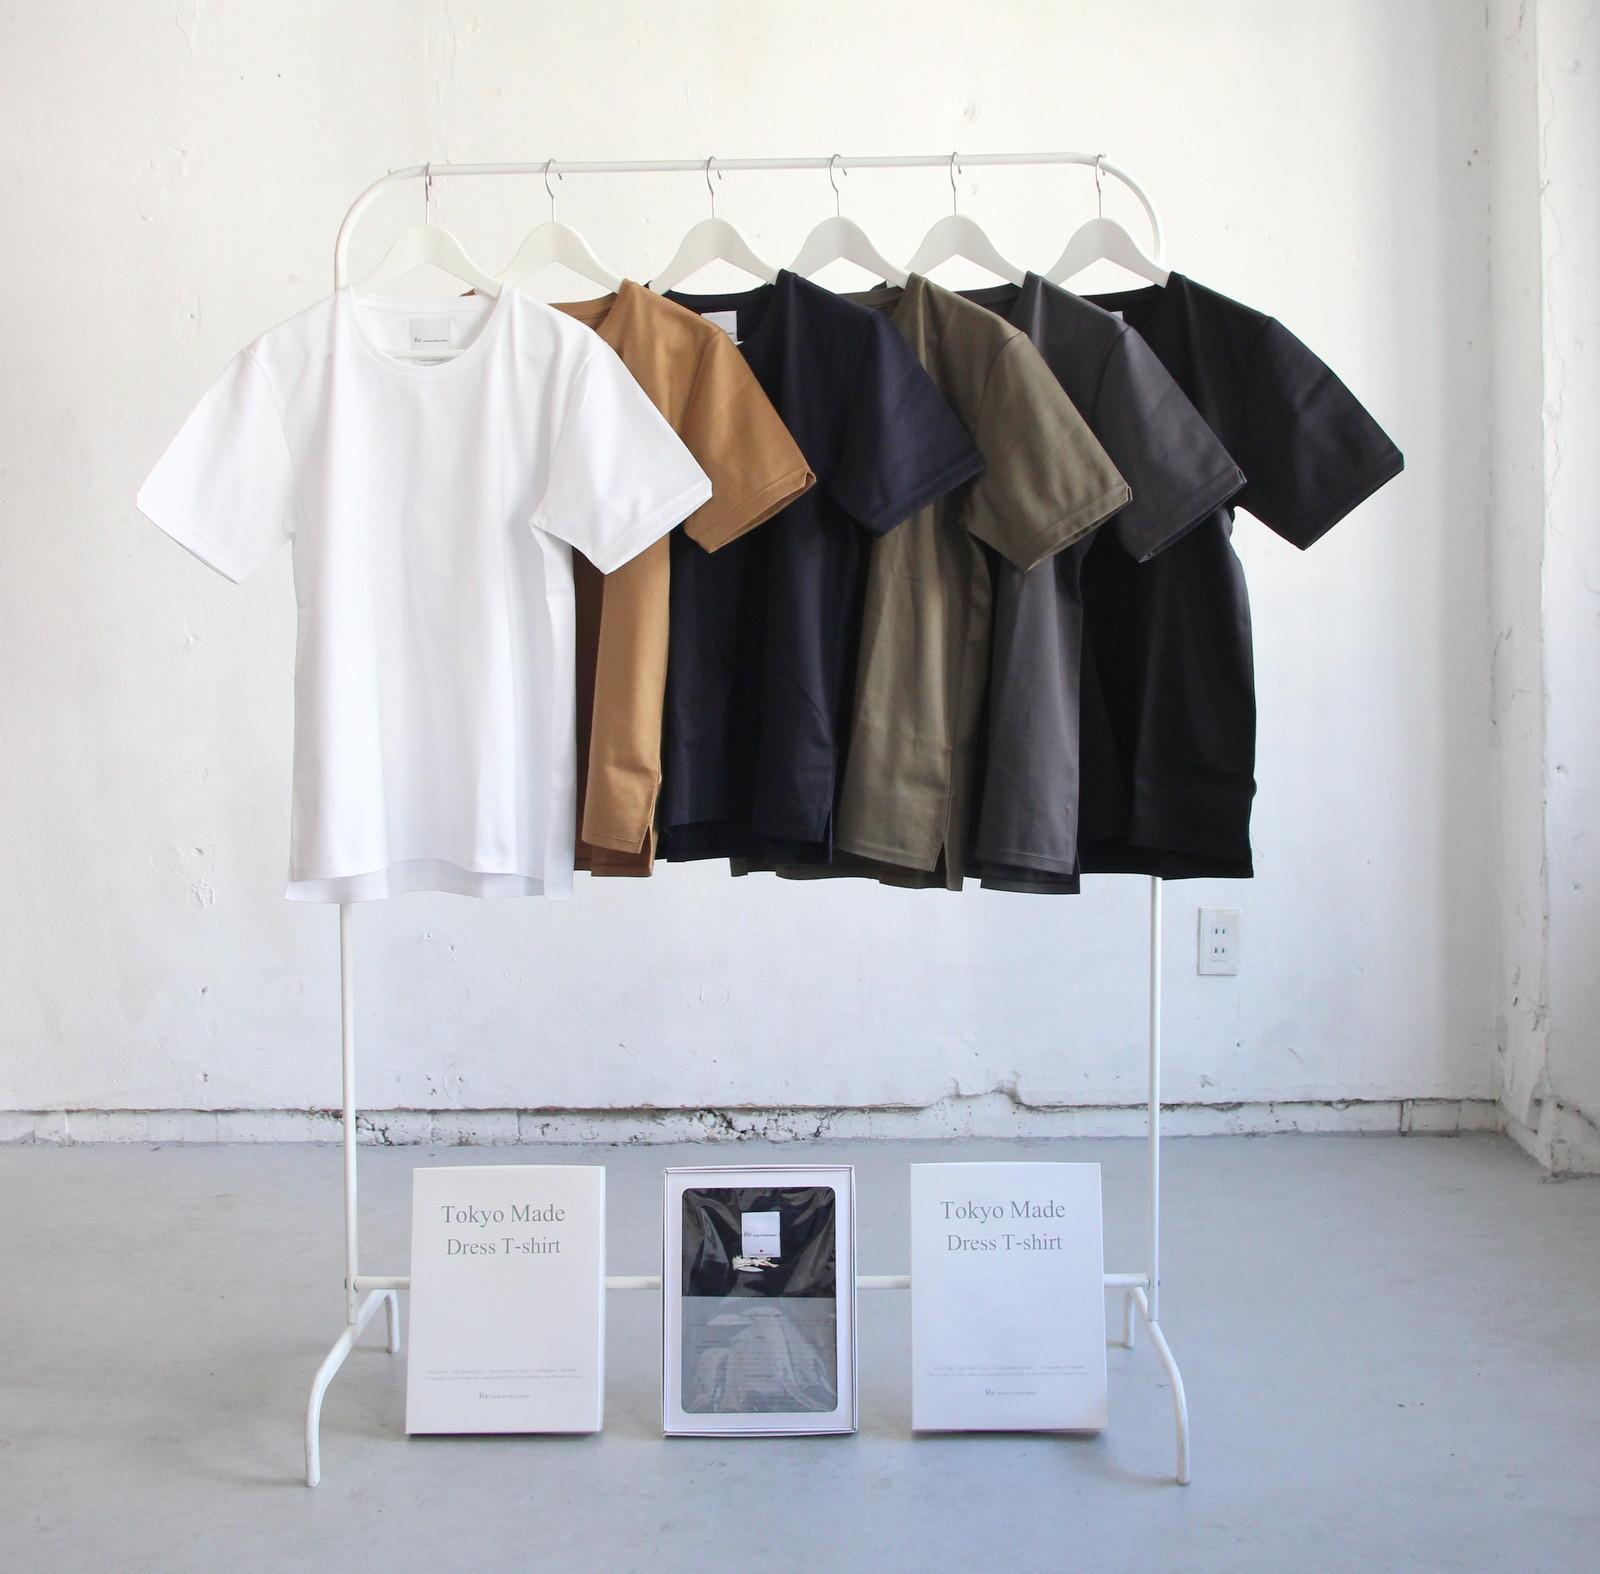 Tokyo Made Dress T-shirt_c0379477_08221824.jpg